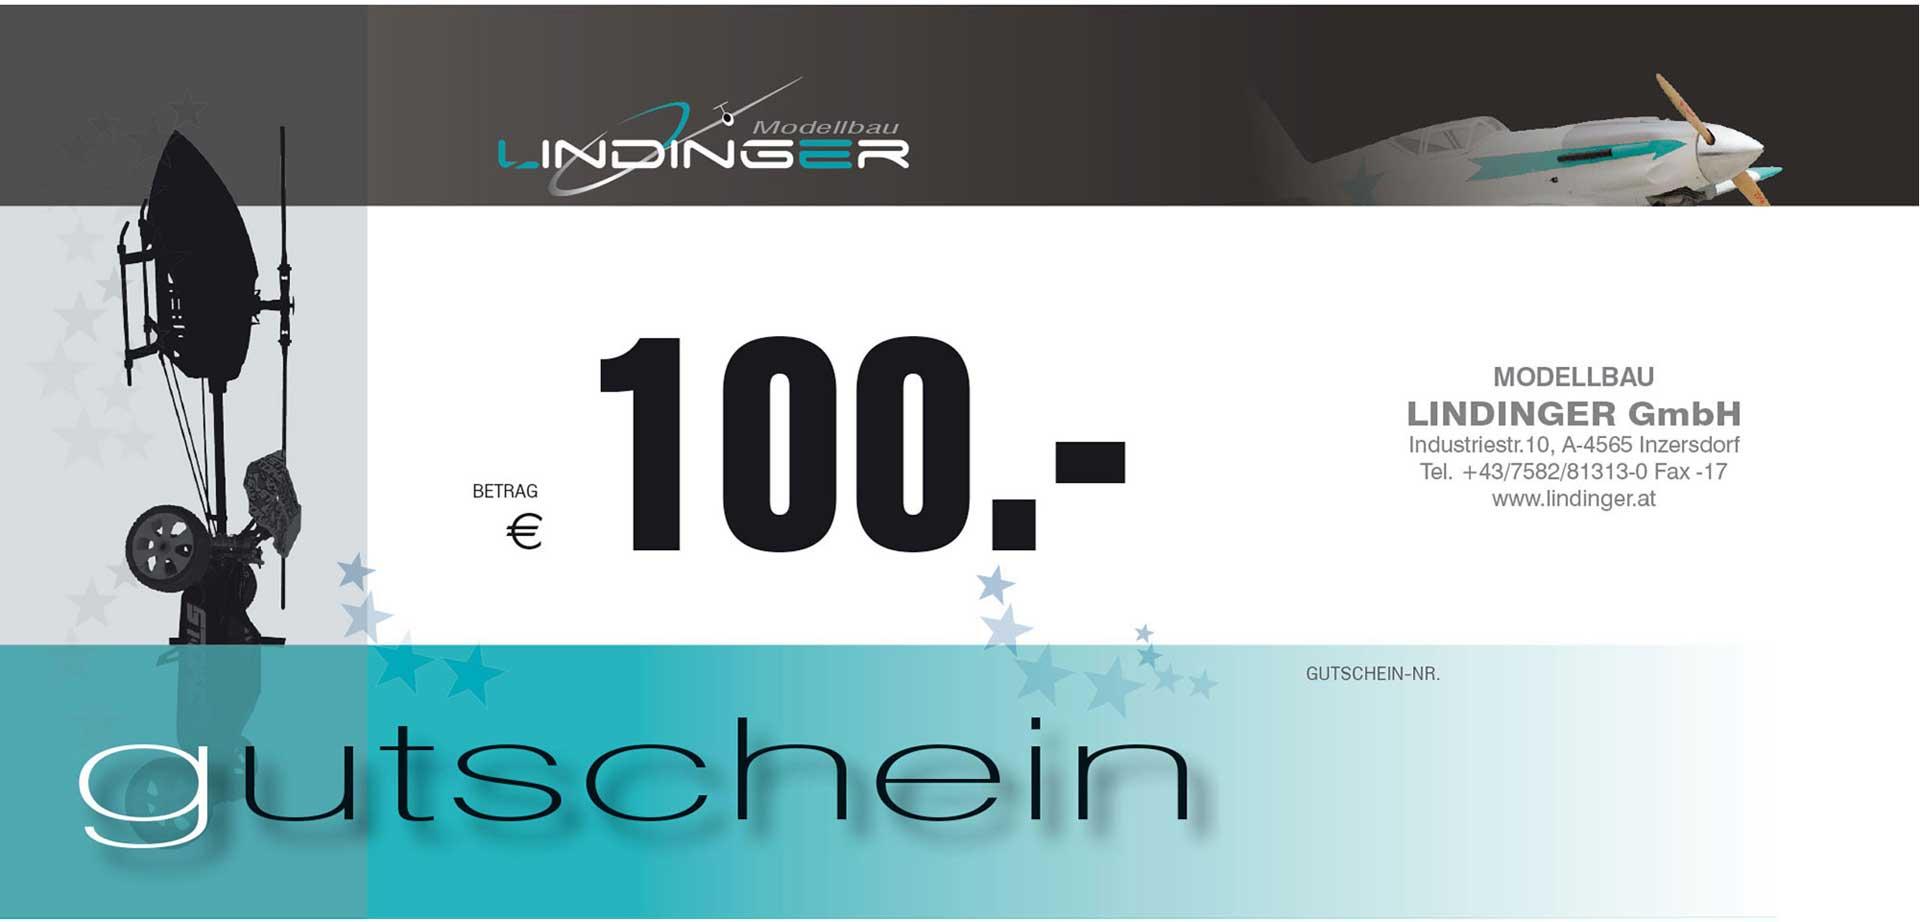 MODELLBAU LINDINGER VOUCHER LINDINGER 100,- EURO POSTVERSAND